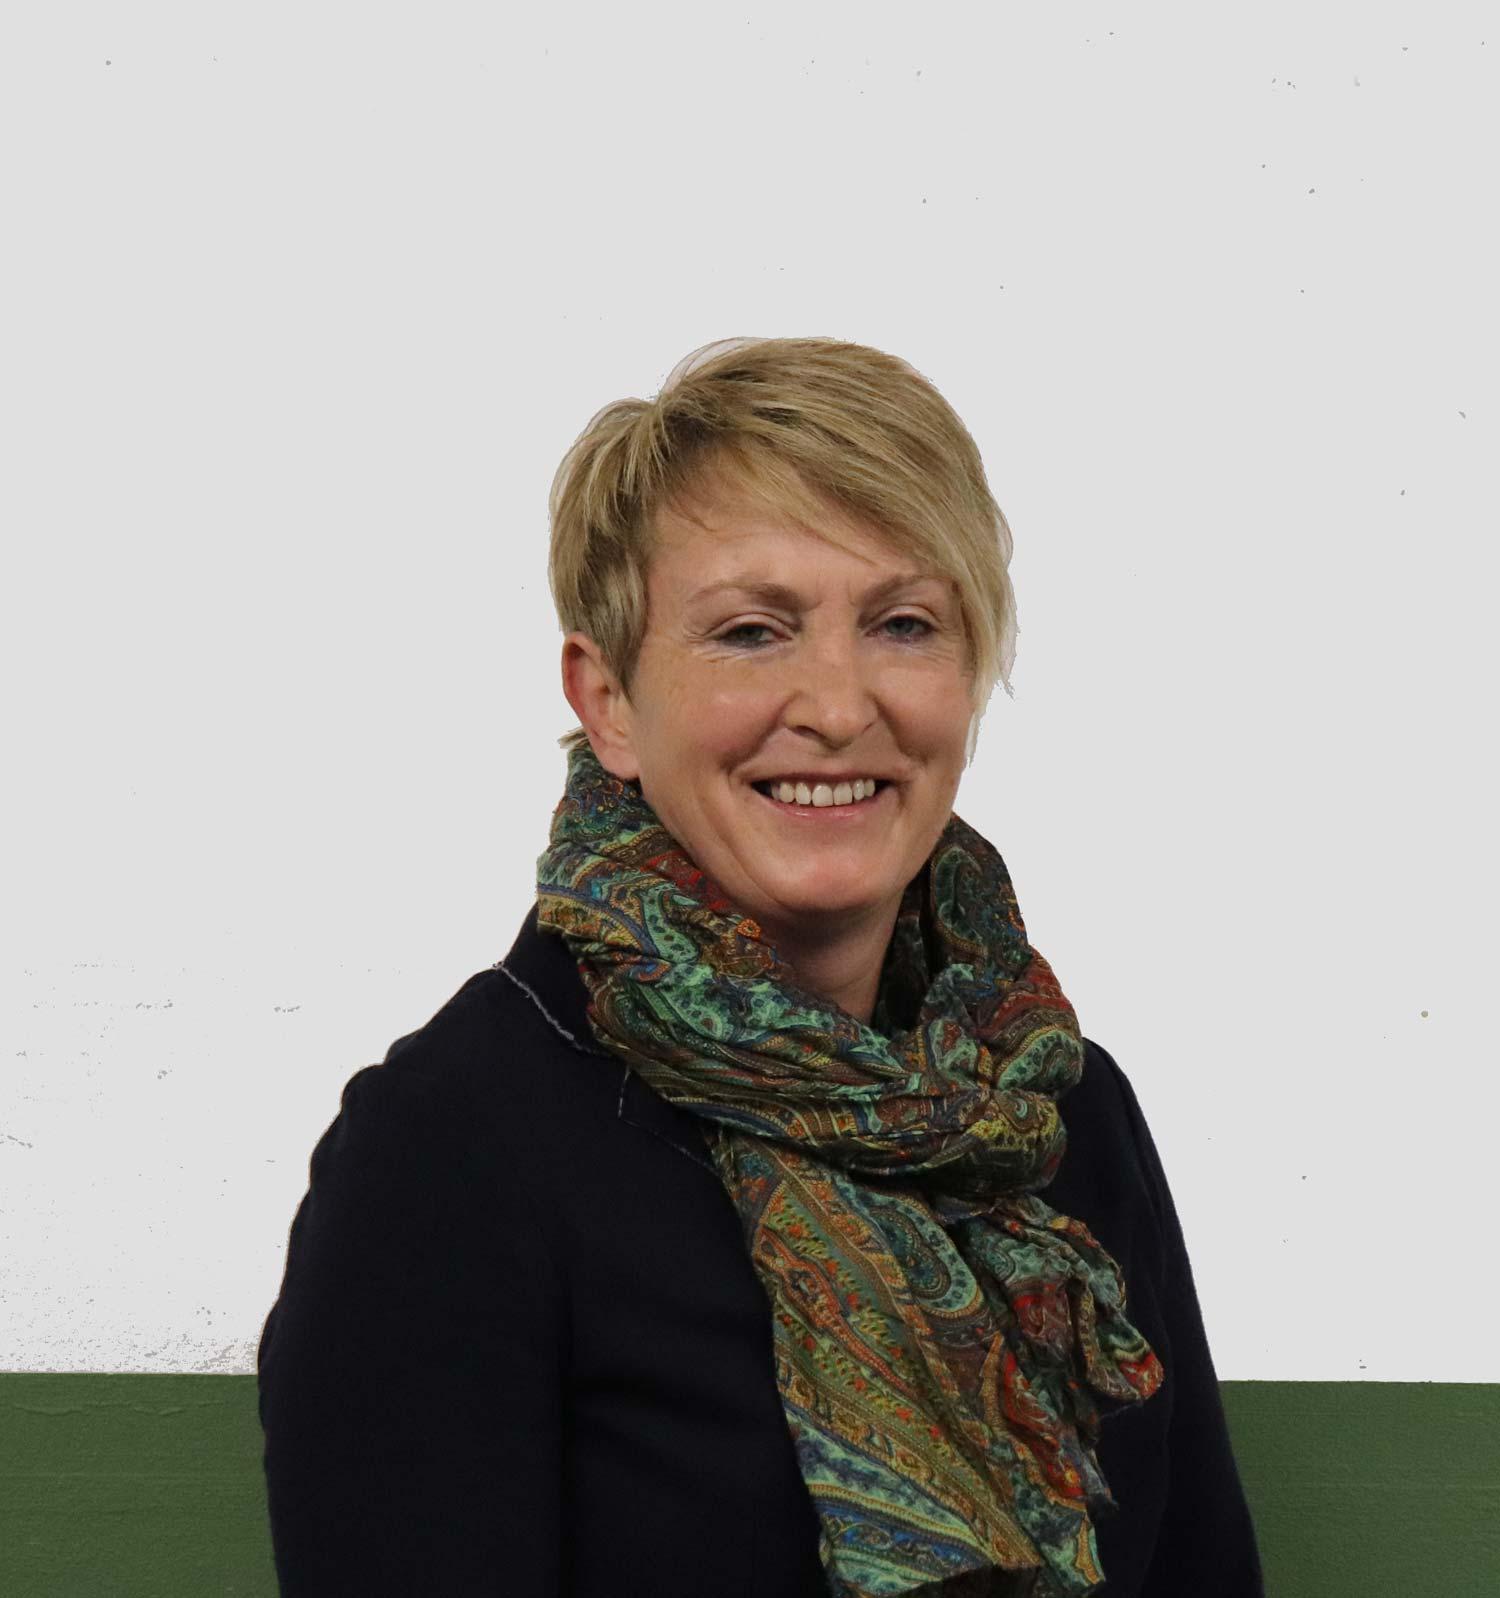 Annemarie Bethlehem